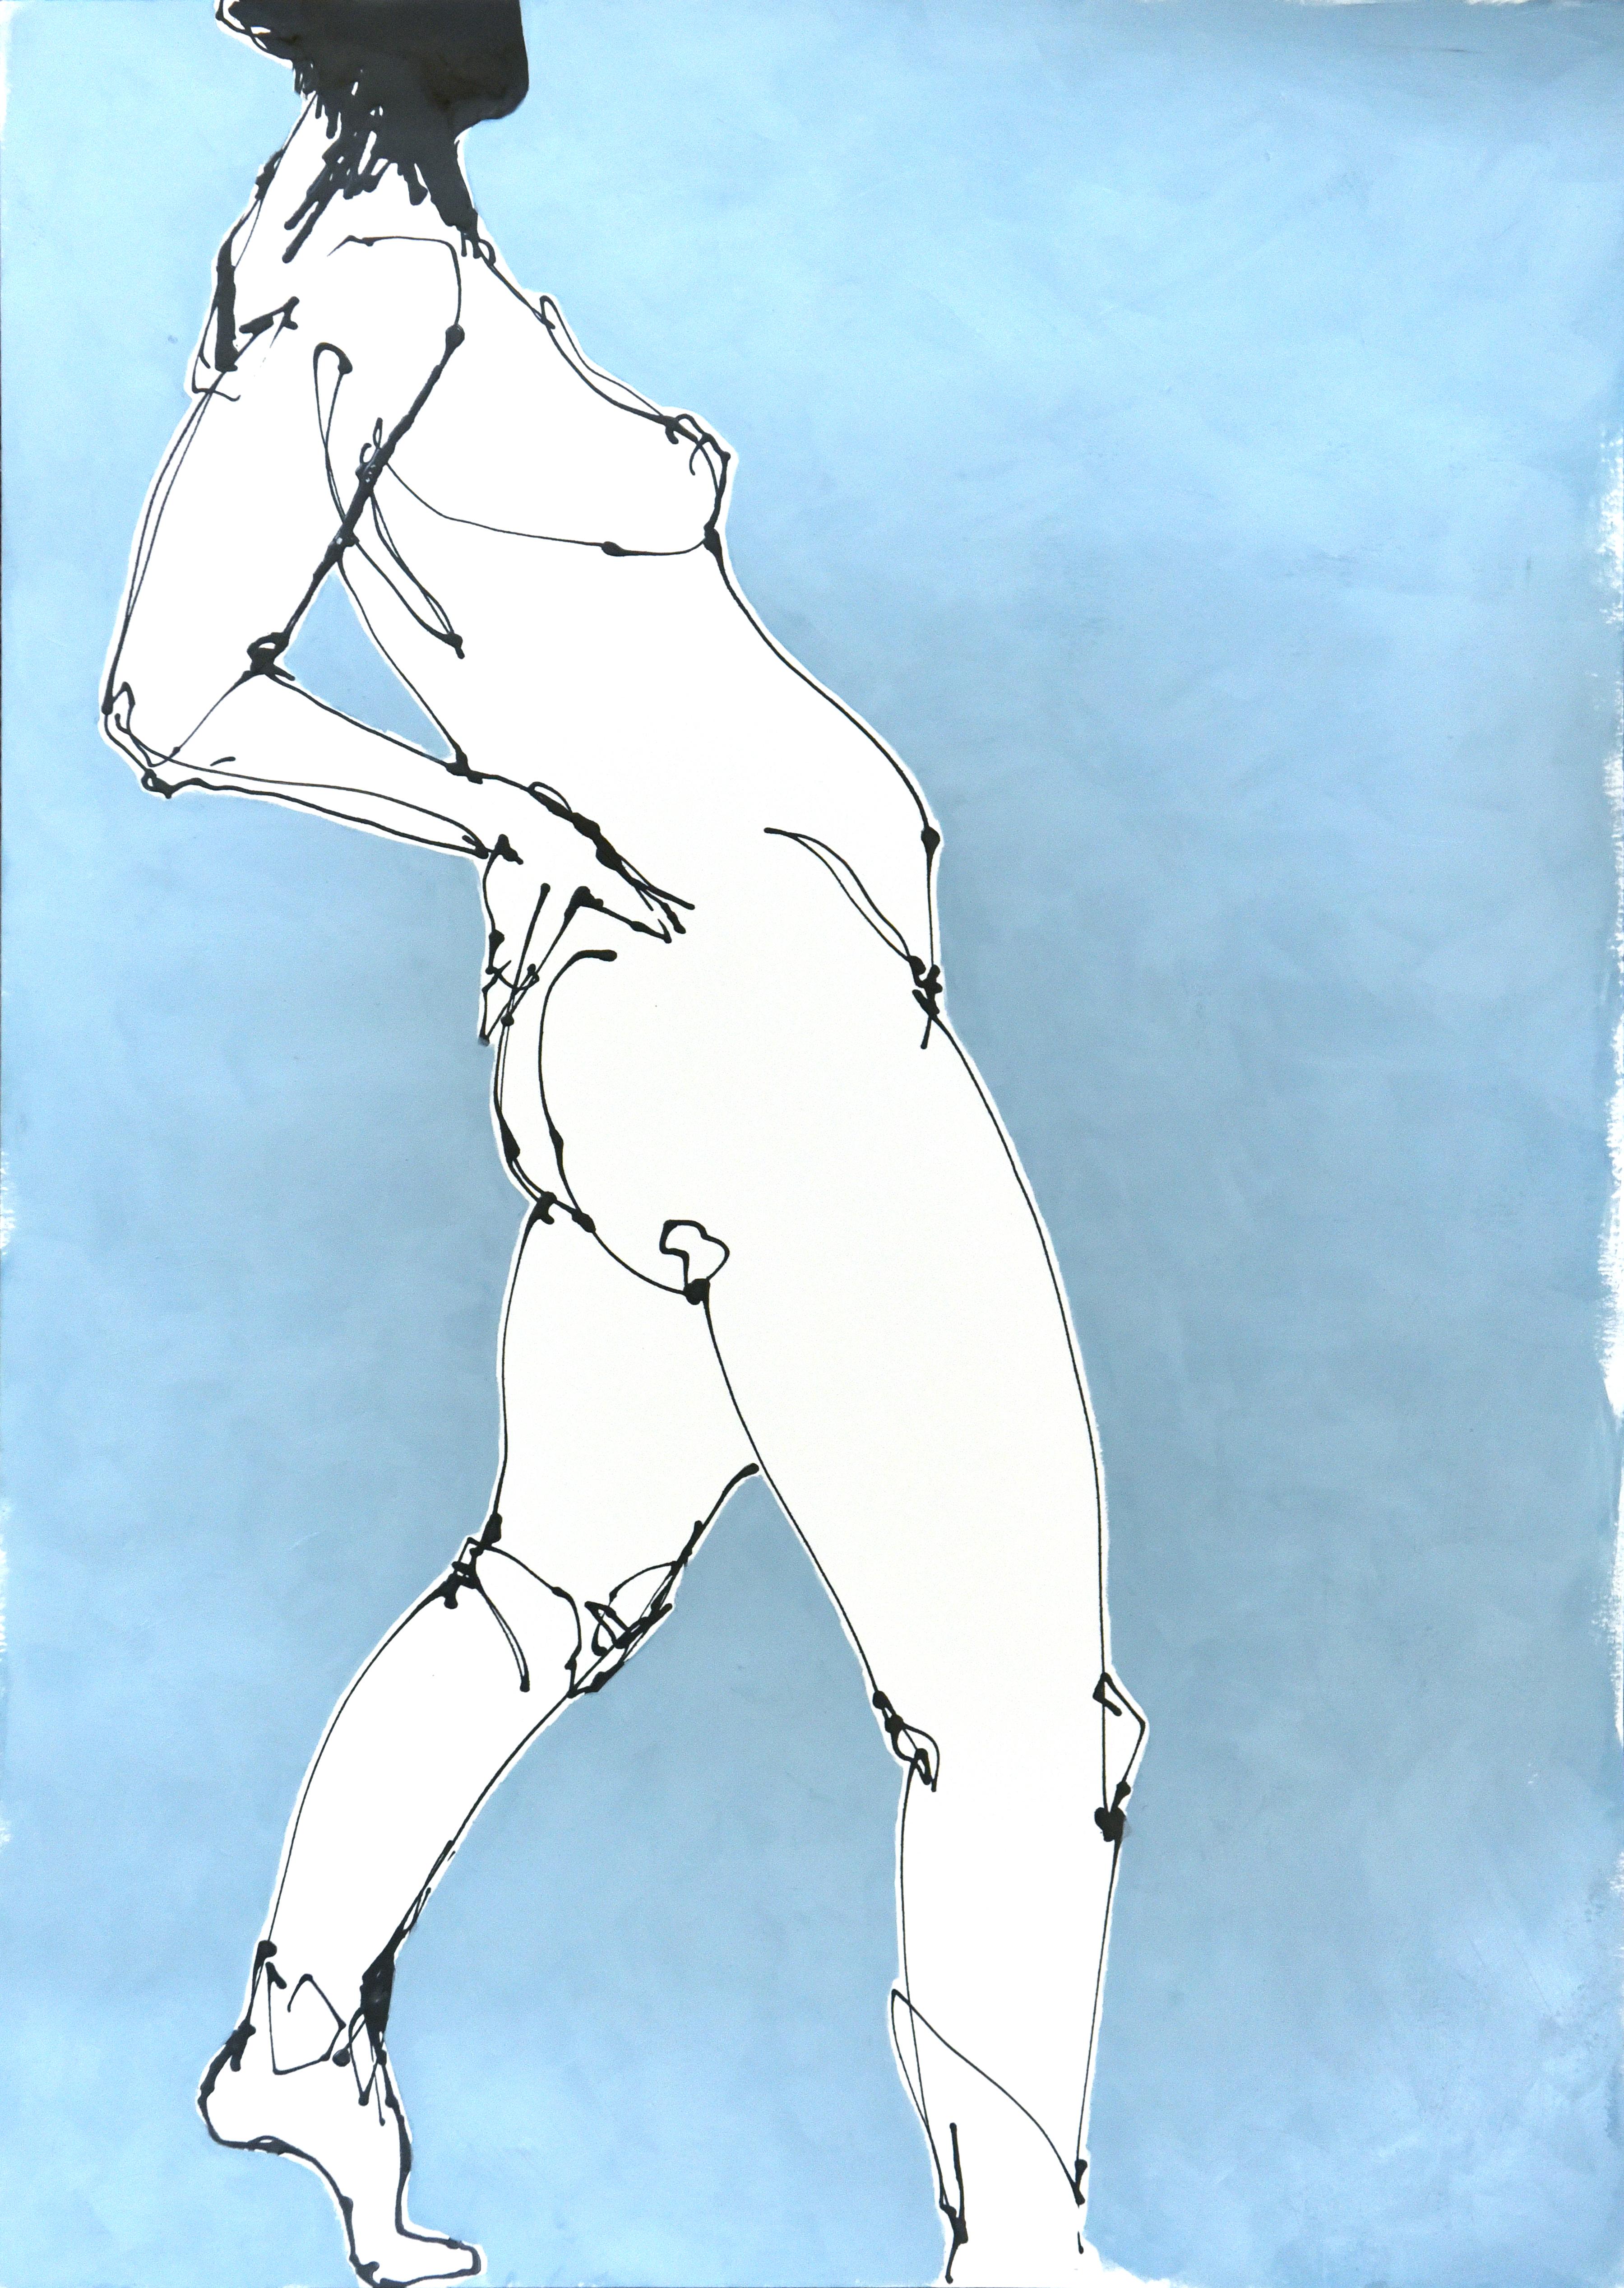 Teal I (acrylic on paper, 40 x 58.5cms, framed)